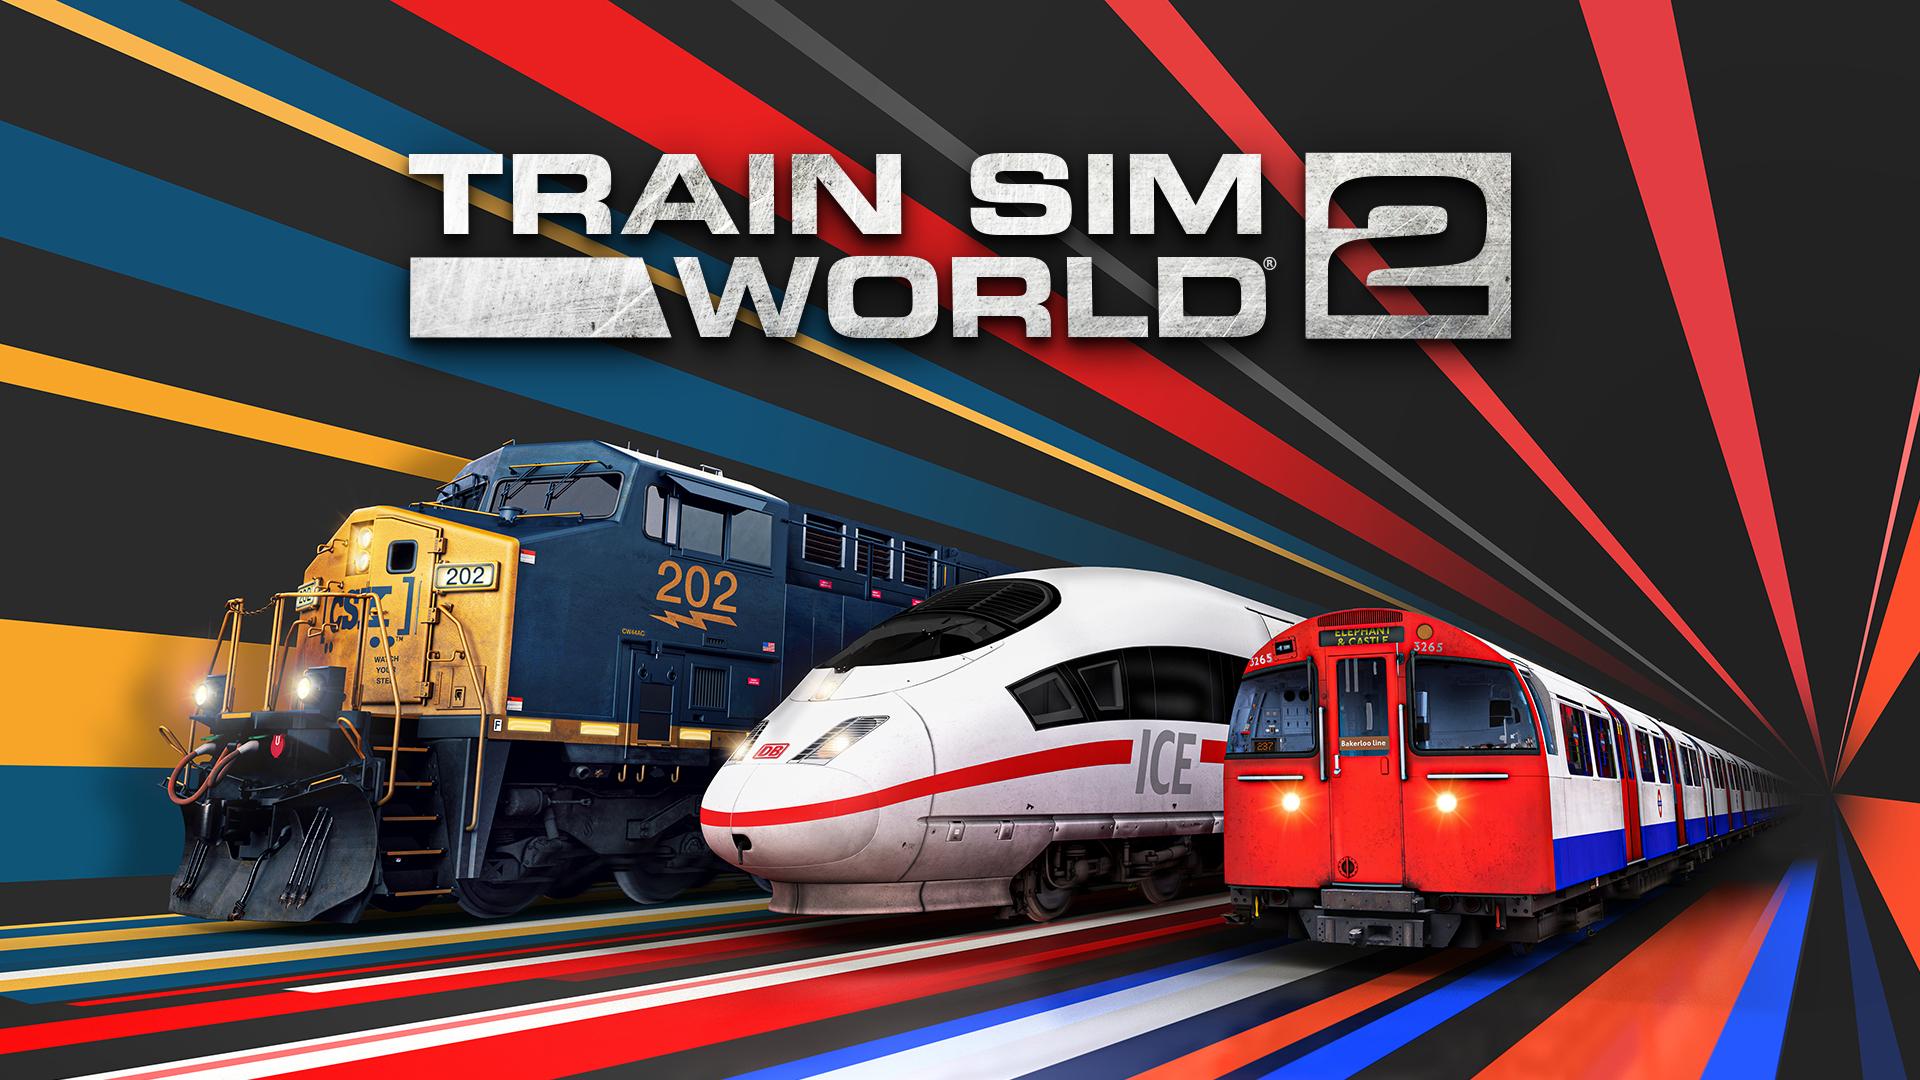 Анонс нового симулятора Train Sim World 2